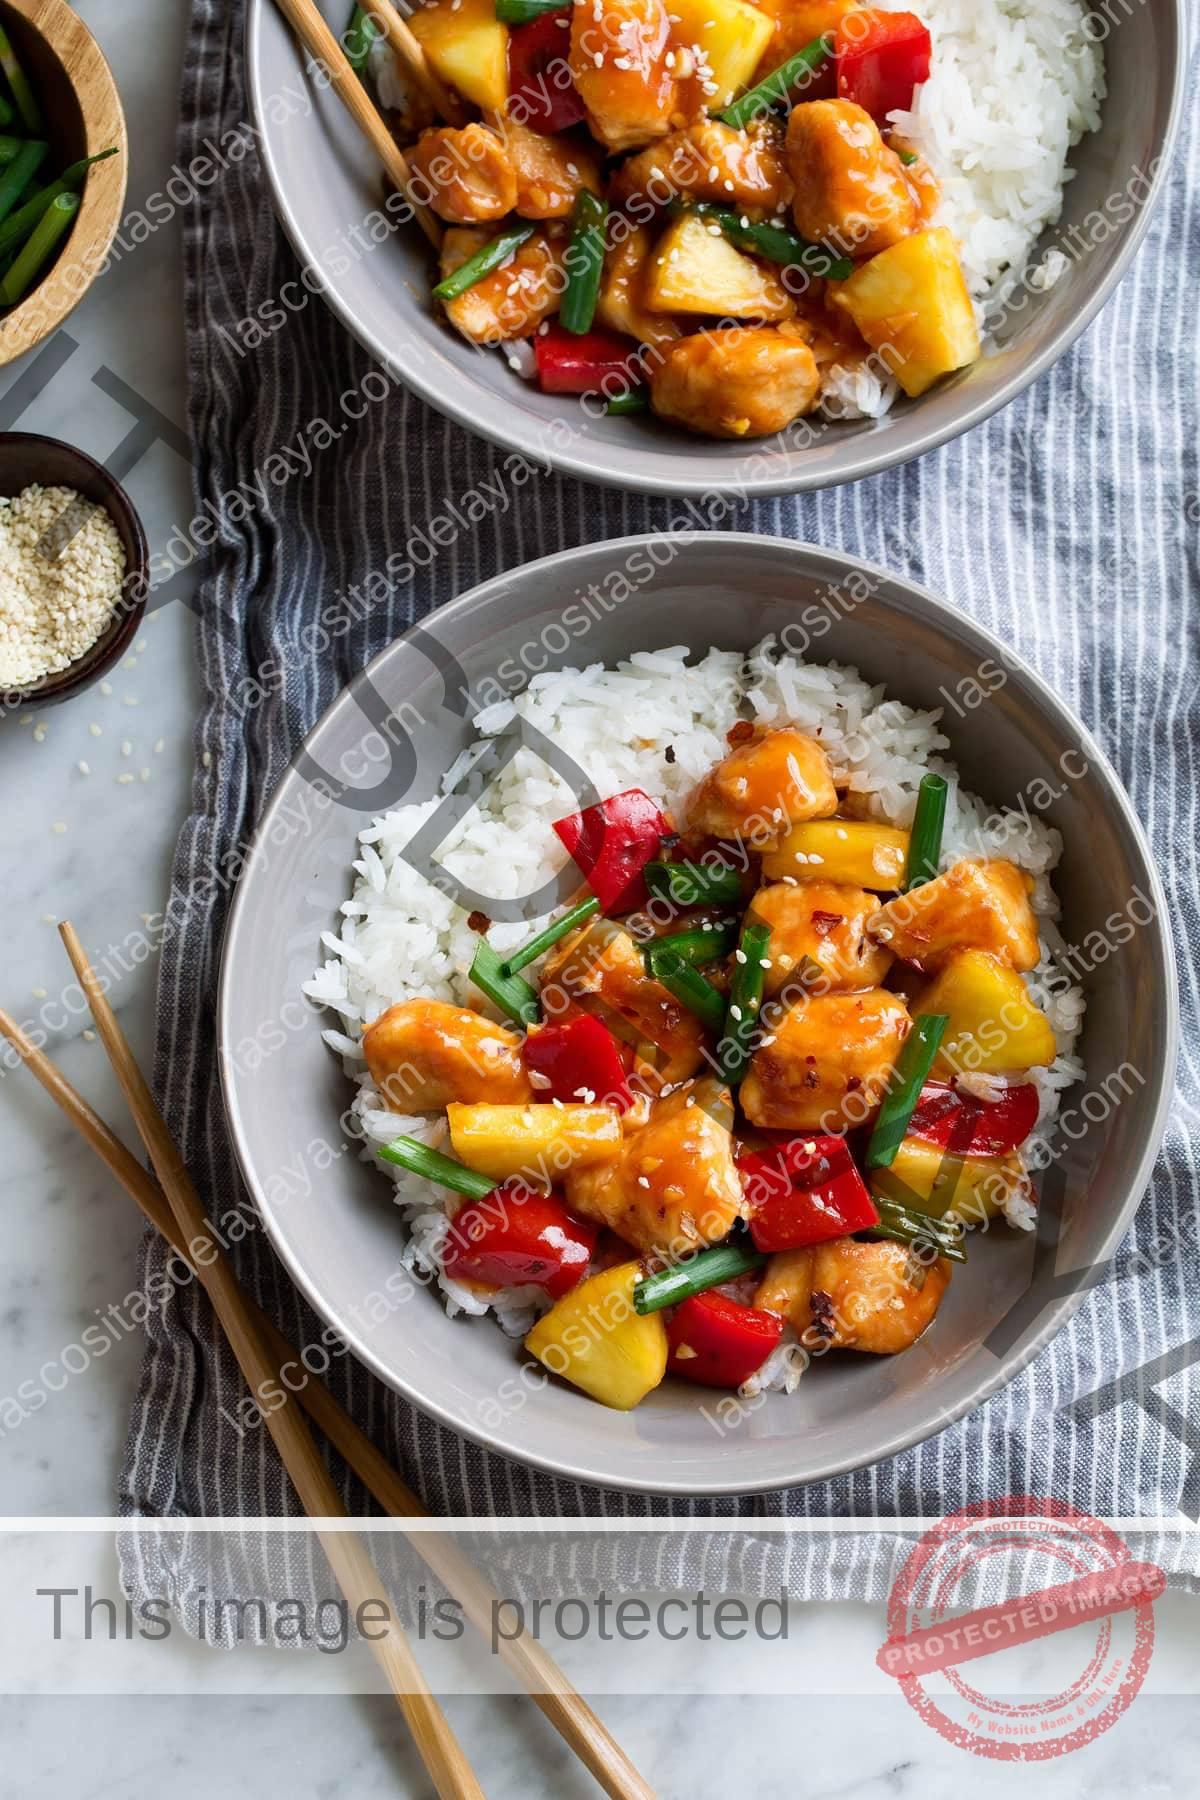 Dos porciones de pollo agridulce sobre cuencos de arroz blanco y gris.